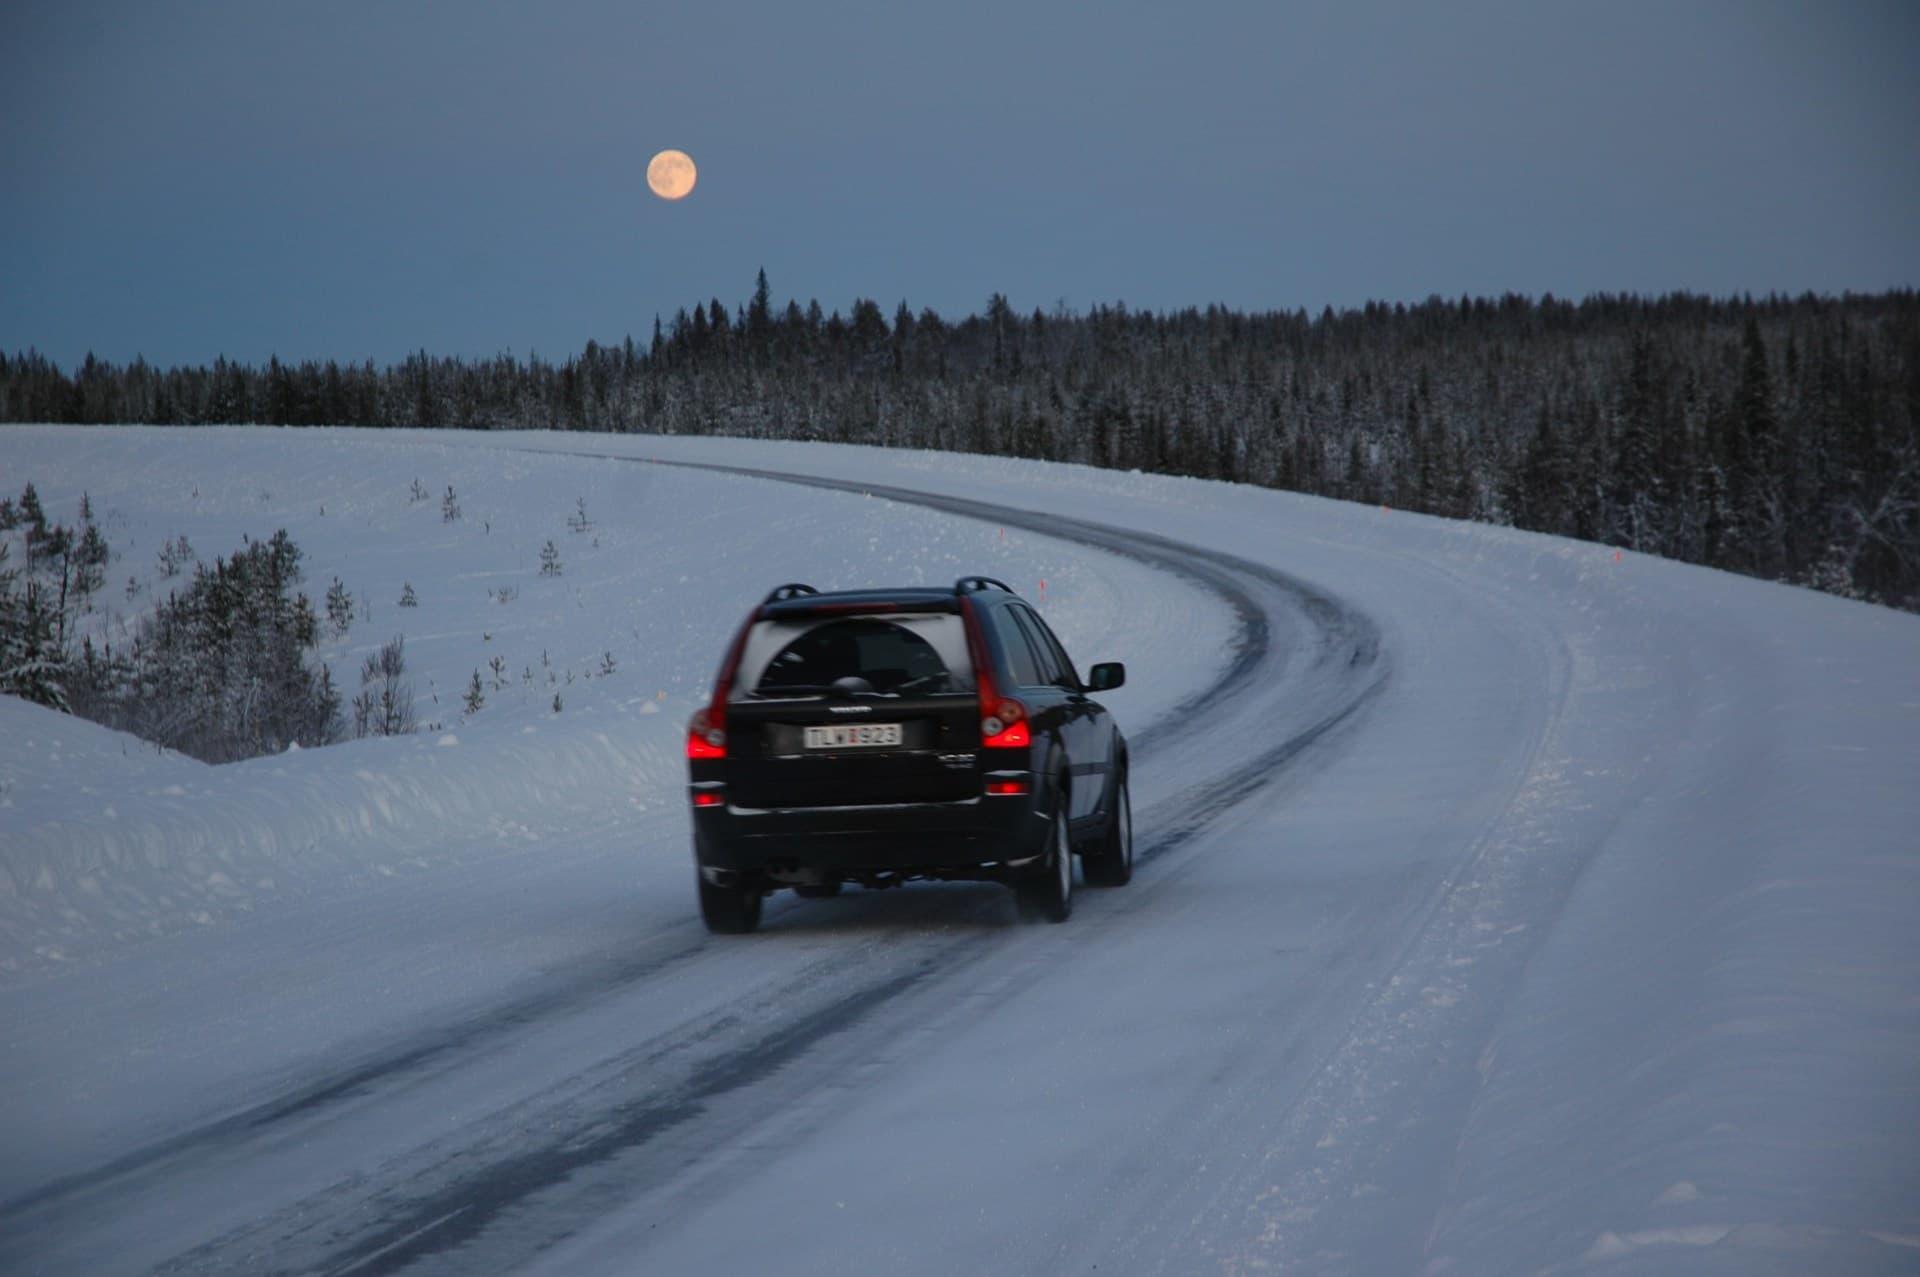 Consejos Conducir Nieve Hielo Frio Invierno Volvo Xc90 Roderas